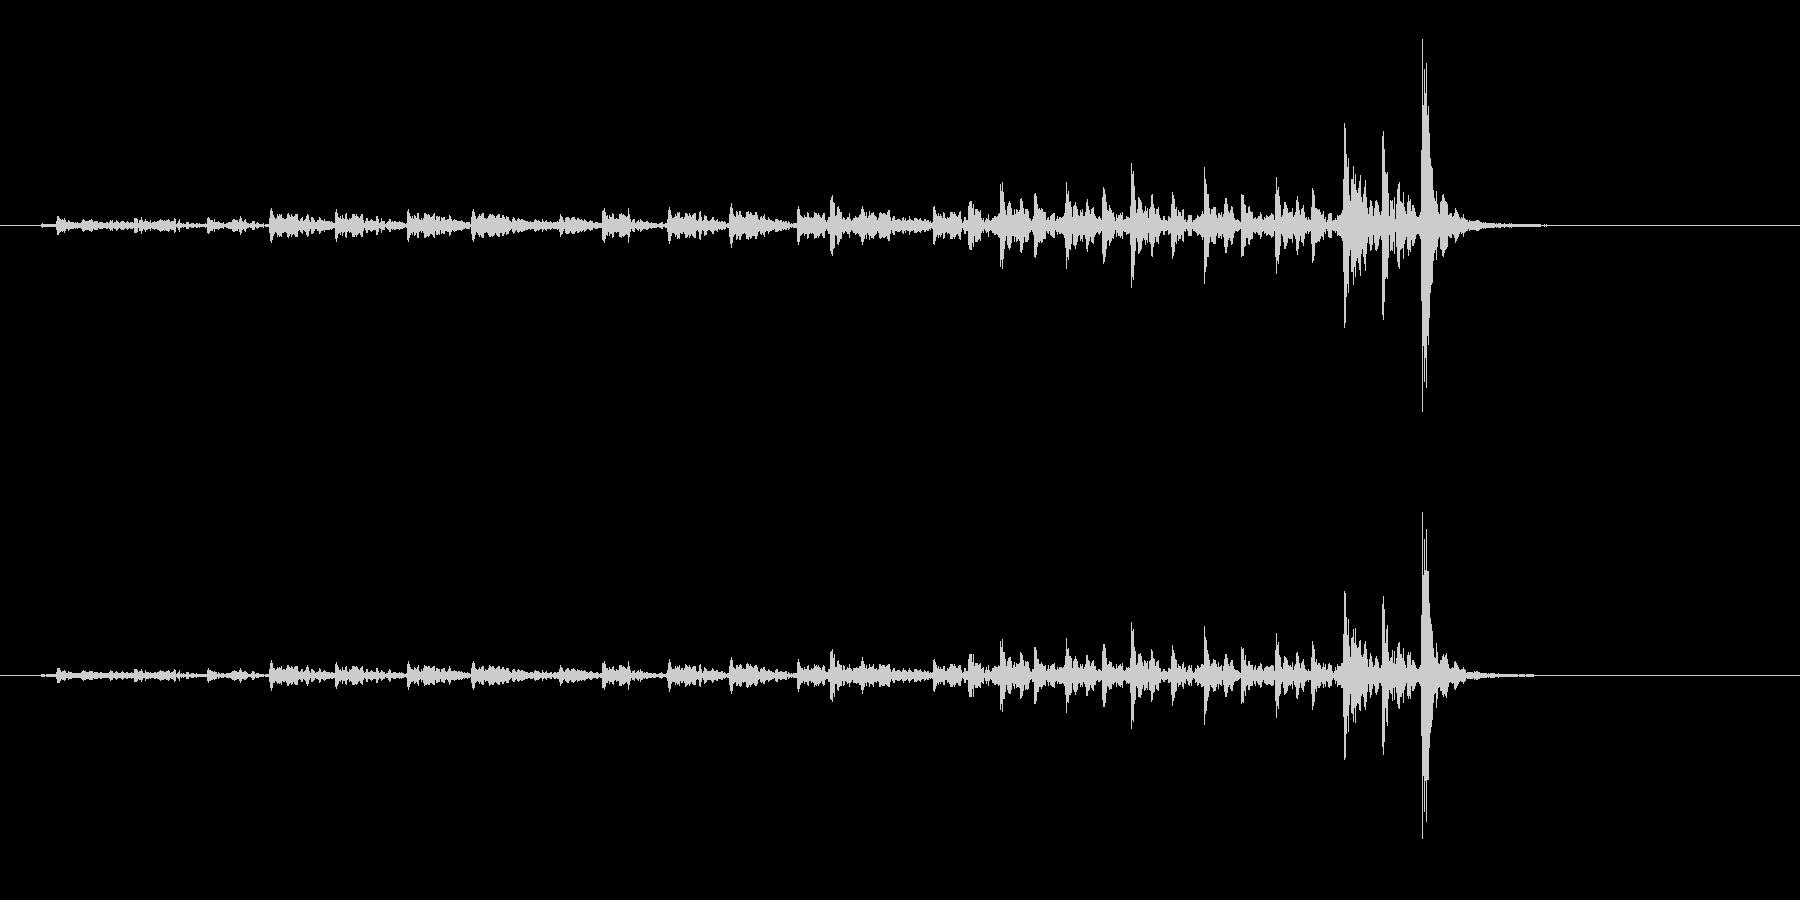 和太鼓の桶胴(おけどう)のフレーズ音の未再生の波形